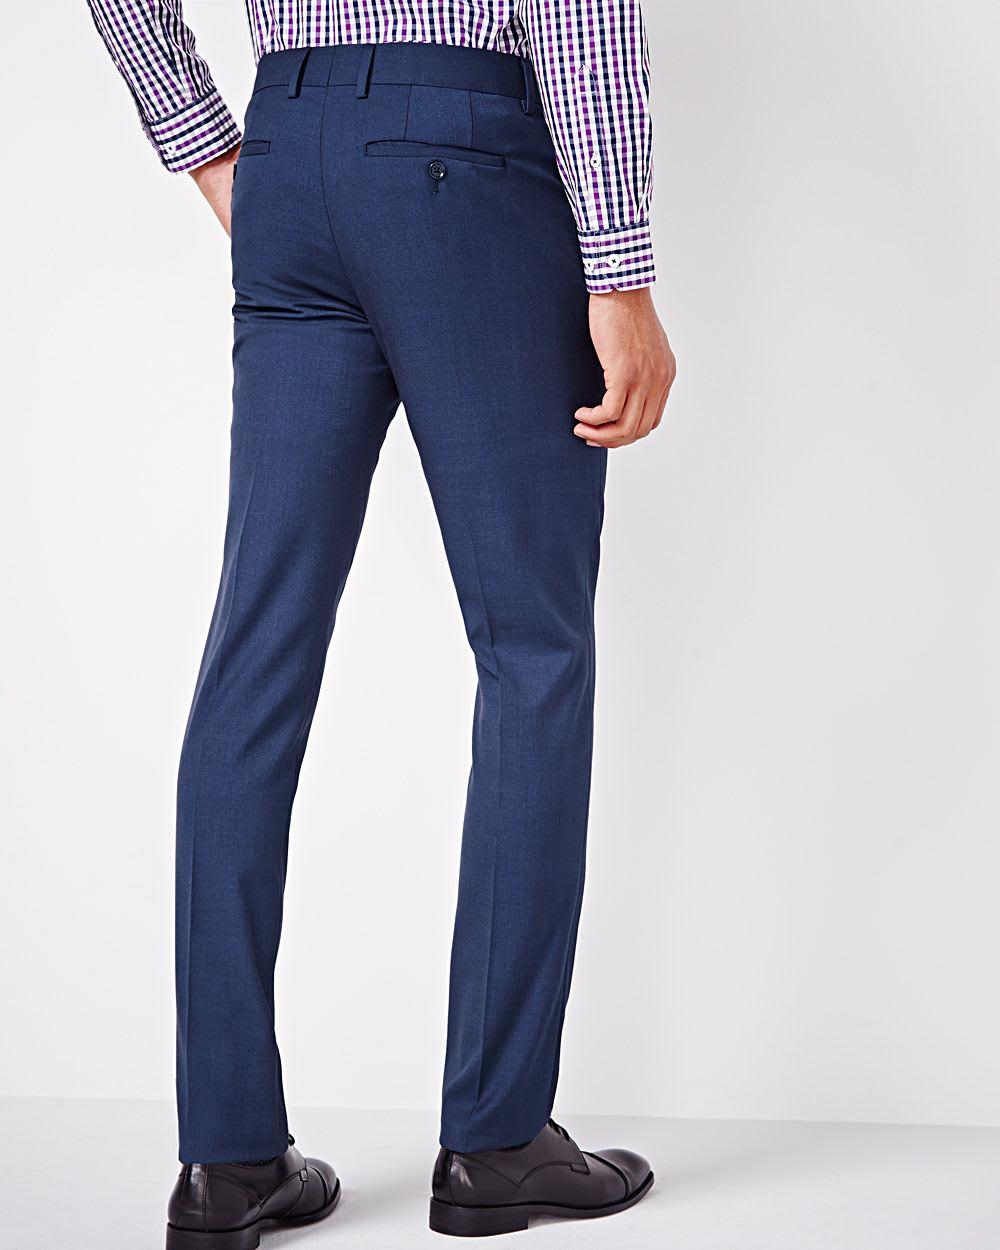 blue slim fit pant regular rw co. Black Bedroom Furniture Sets. Home Design Ideas